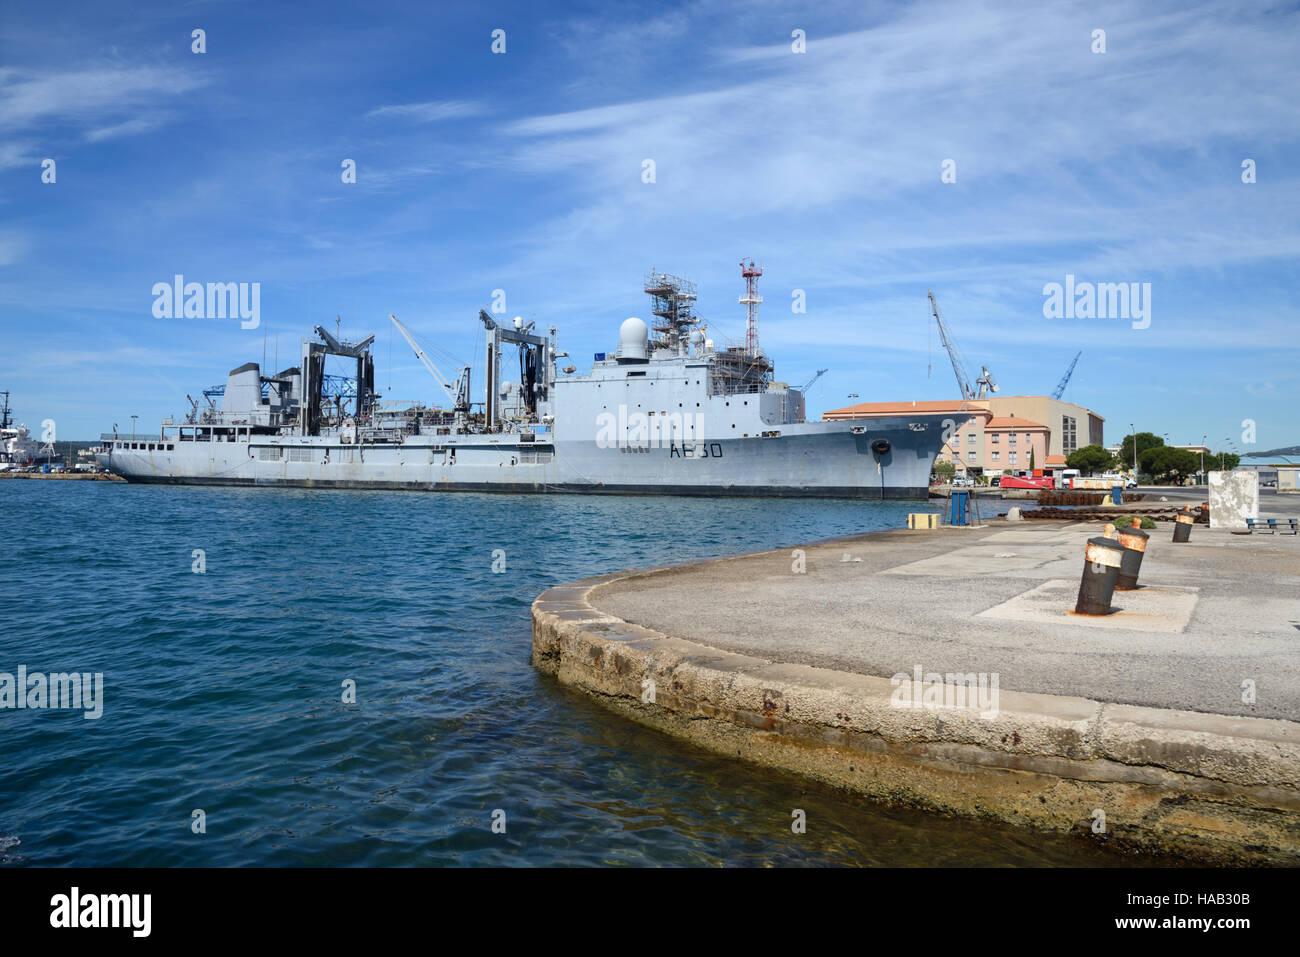 Marne französische Marine Schiff am Hafen Toulon Provence Frankreich Stockbild